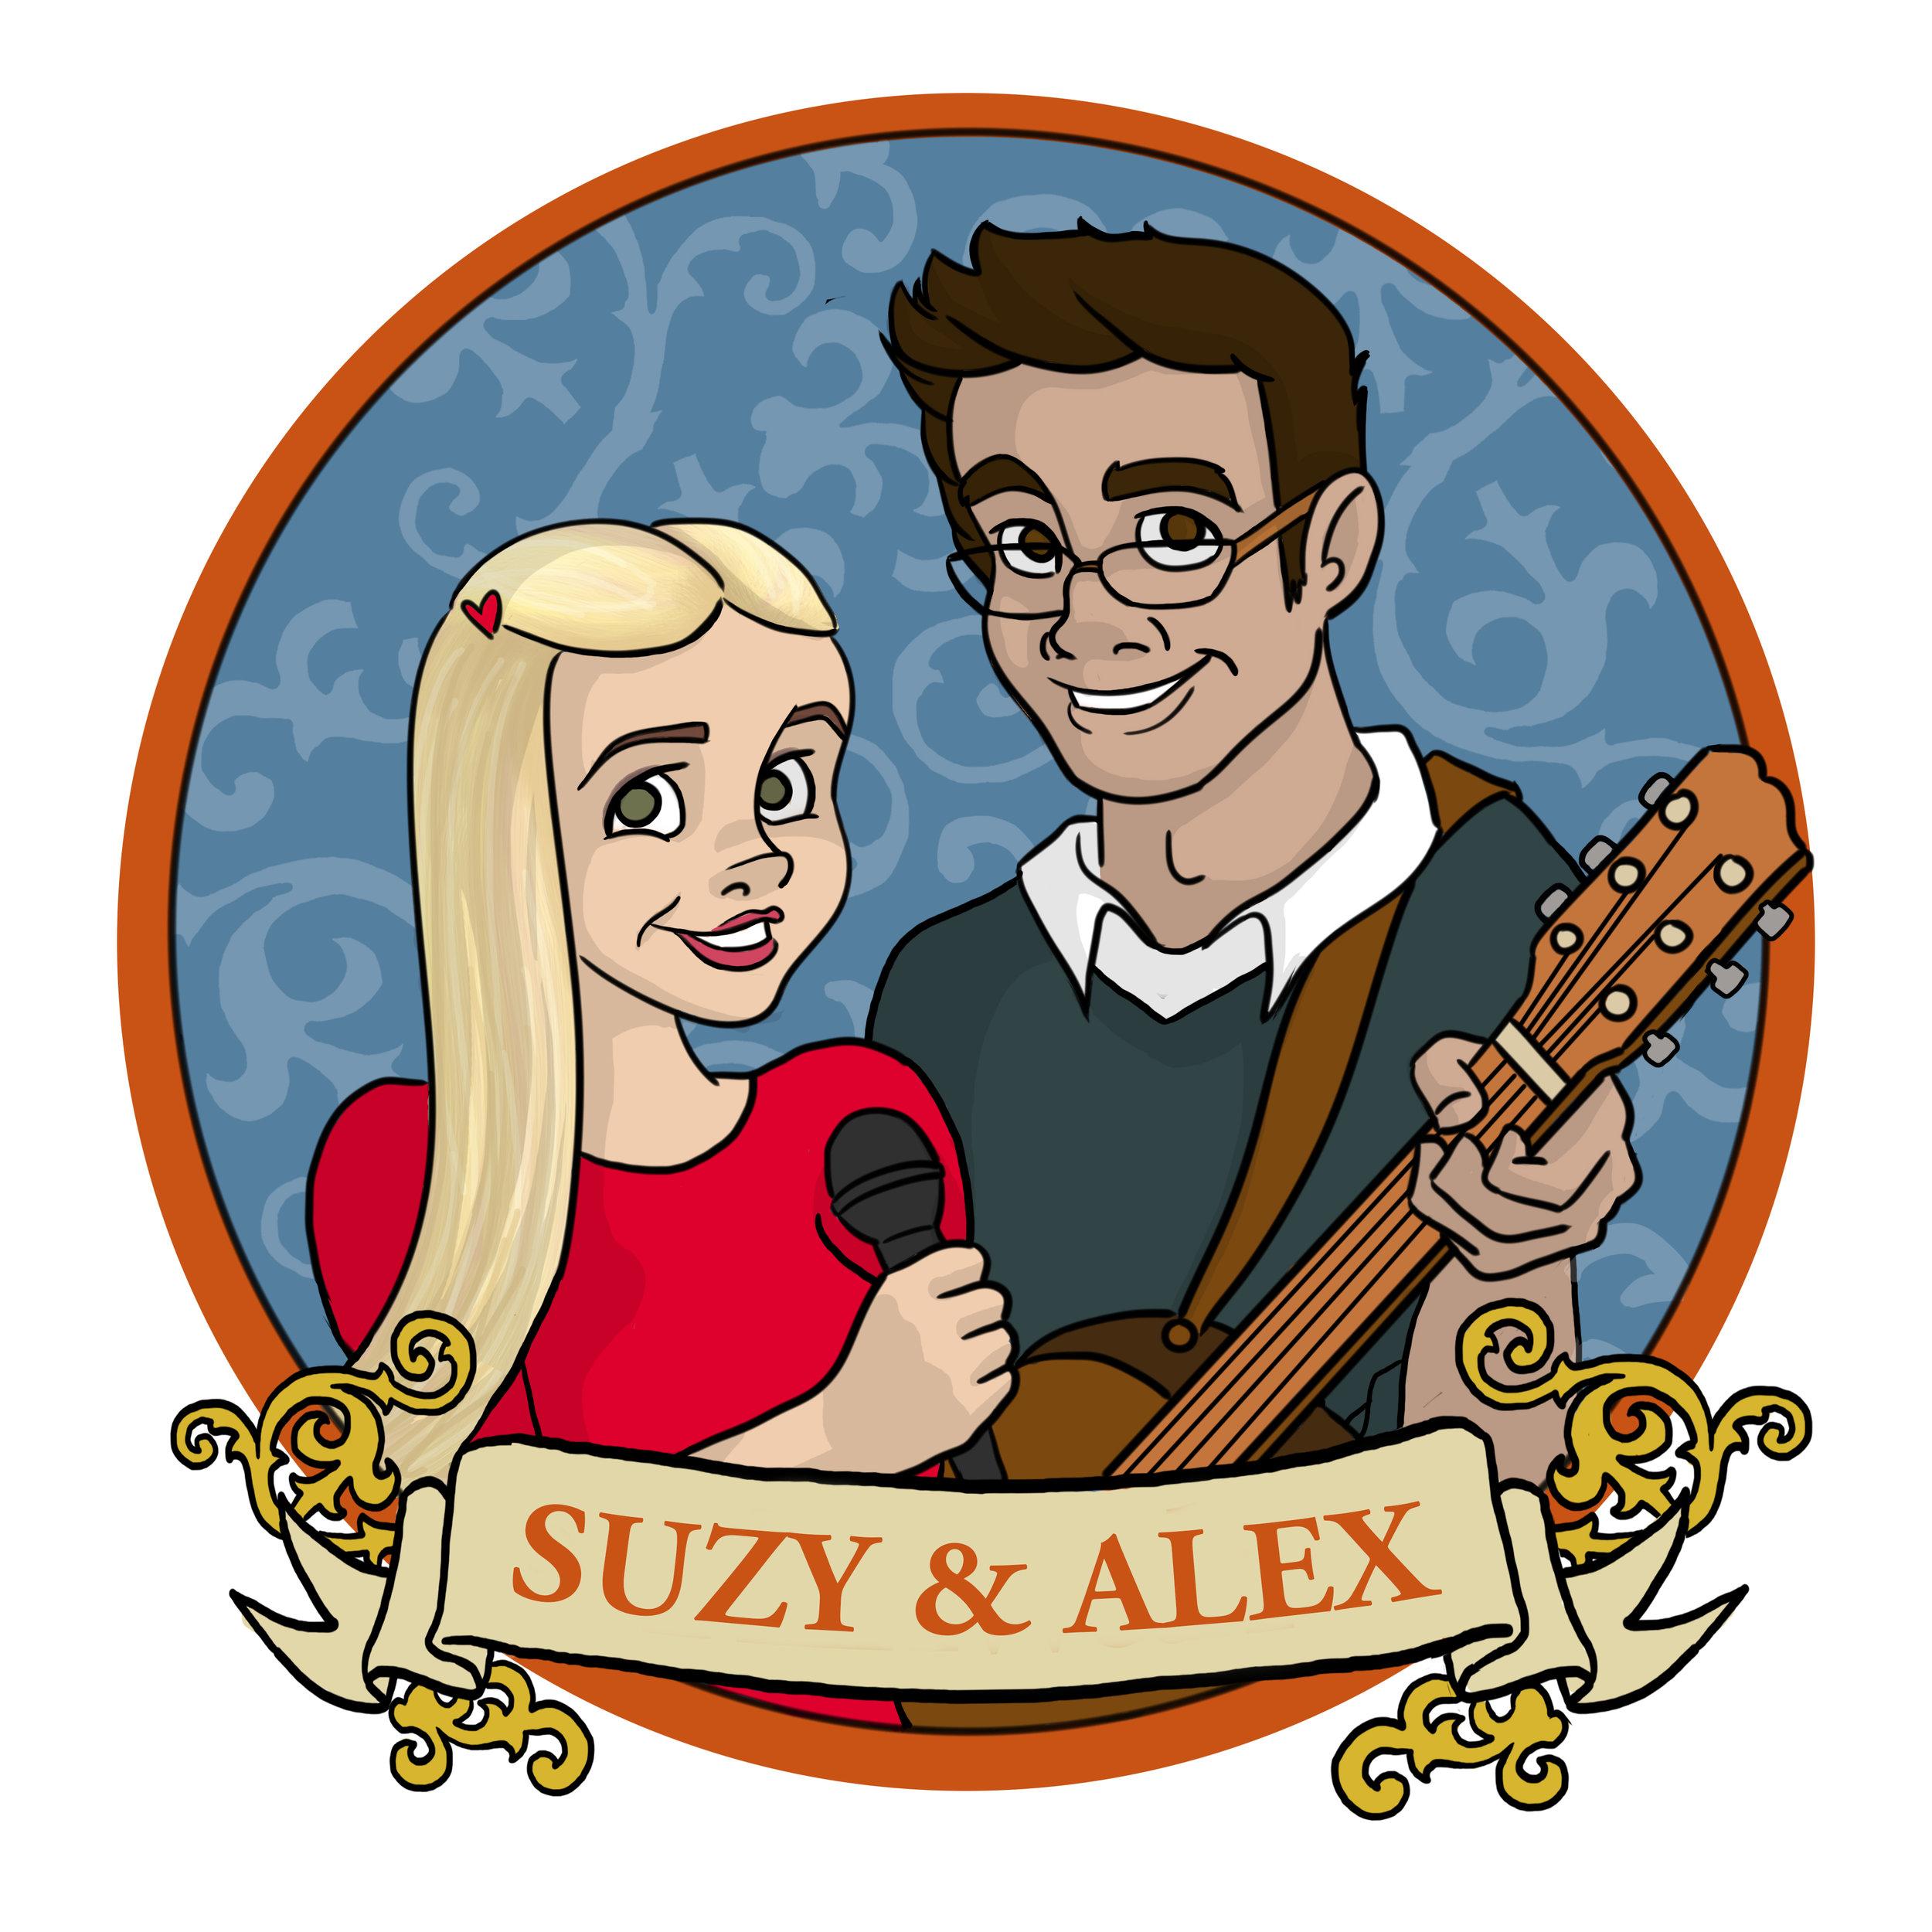 Suzy & Alex Cartoon.jpg